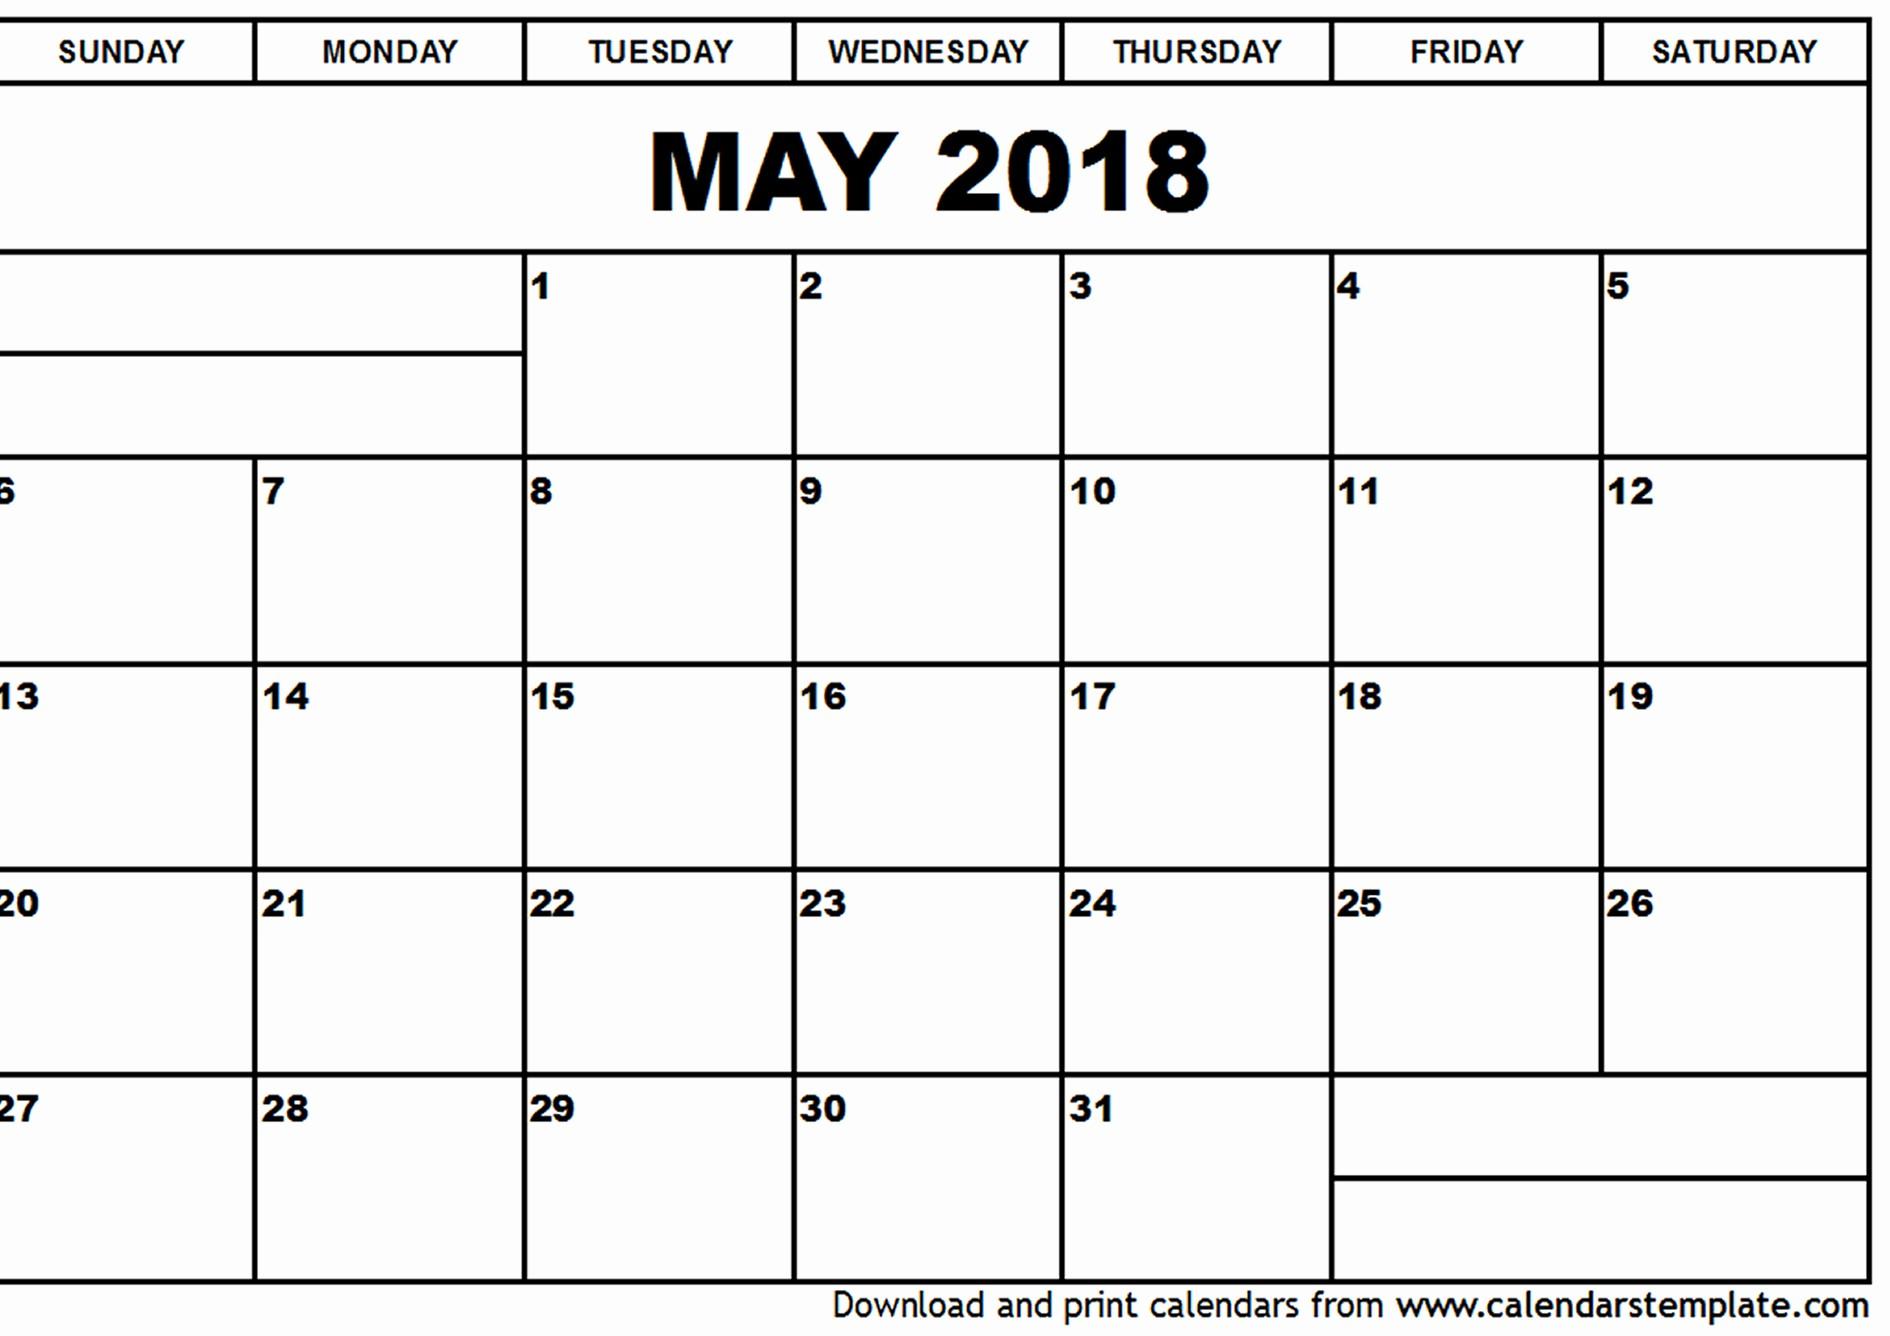 Free May 2018 Calendar Template Beautiful May 2018 Calendar Template